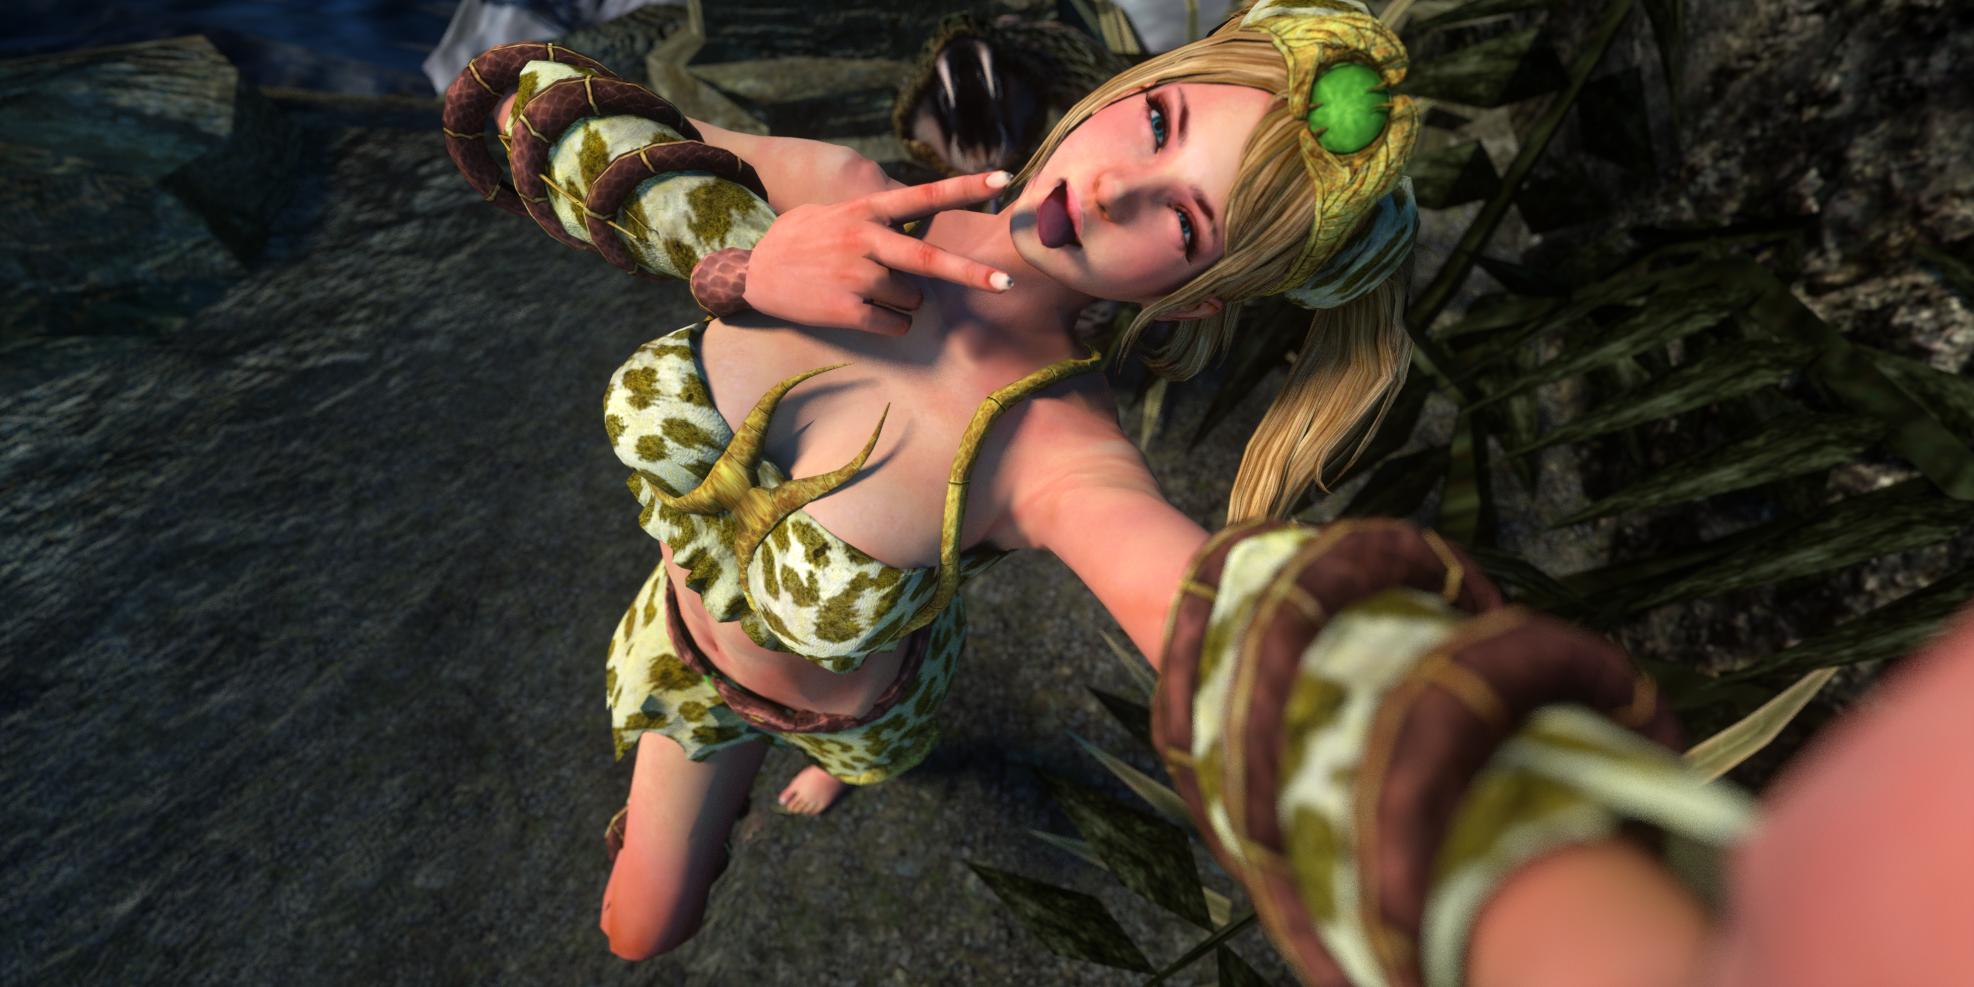 juliet s secret cosplay addiction by voreq on deviantart